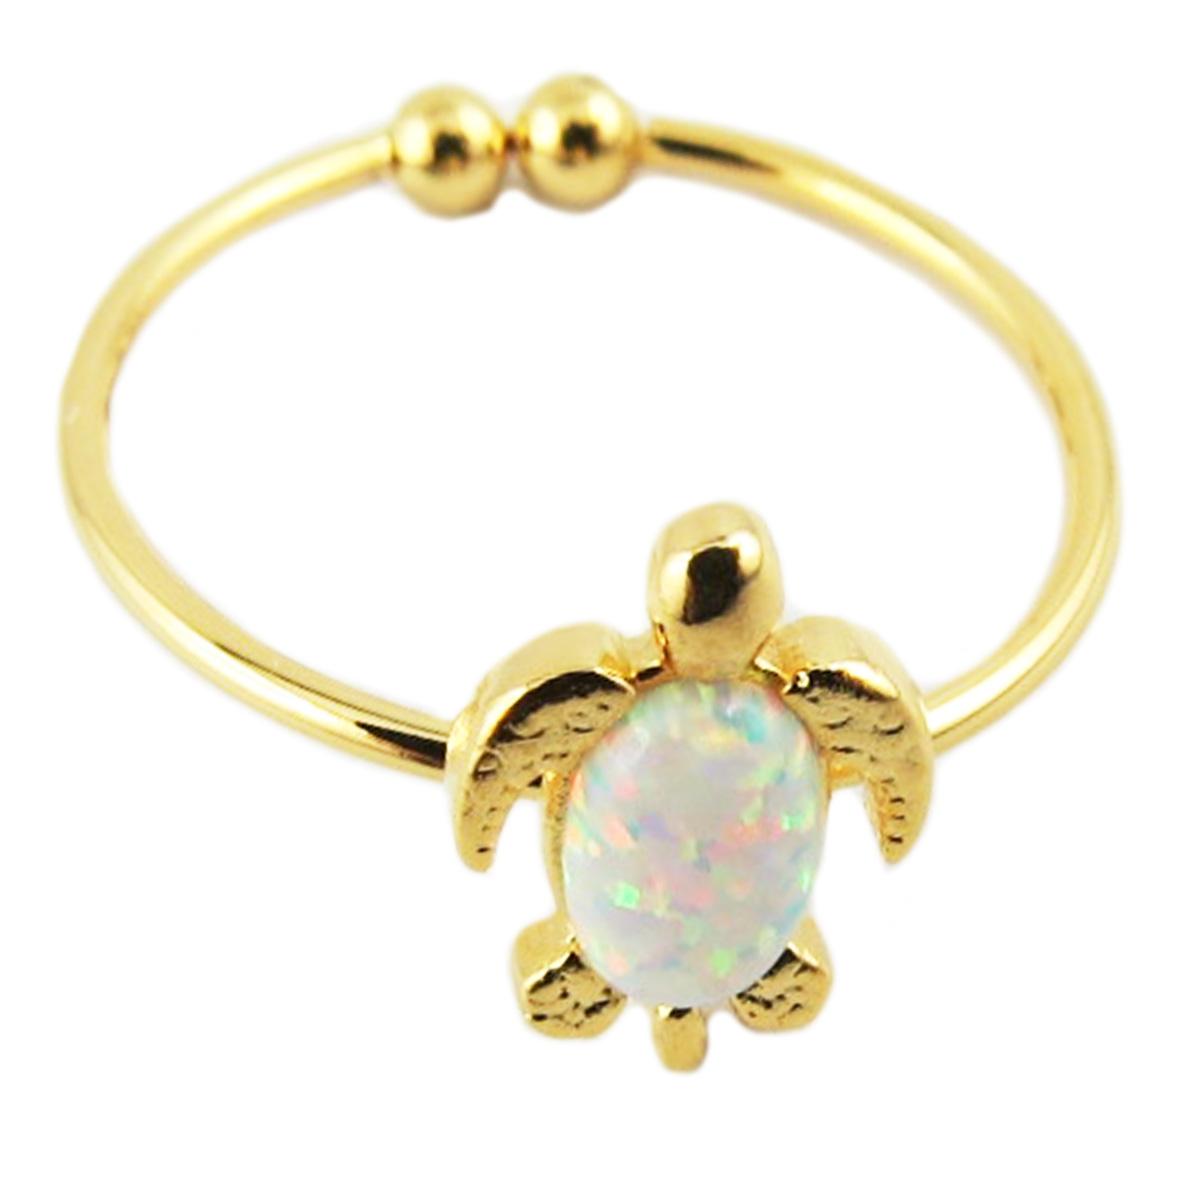 Bague artisanale \'Tortue\' blanc opale doré - 10x7 mm - [R1513]